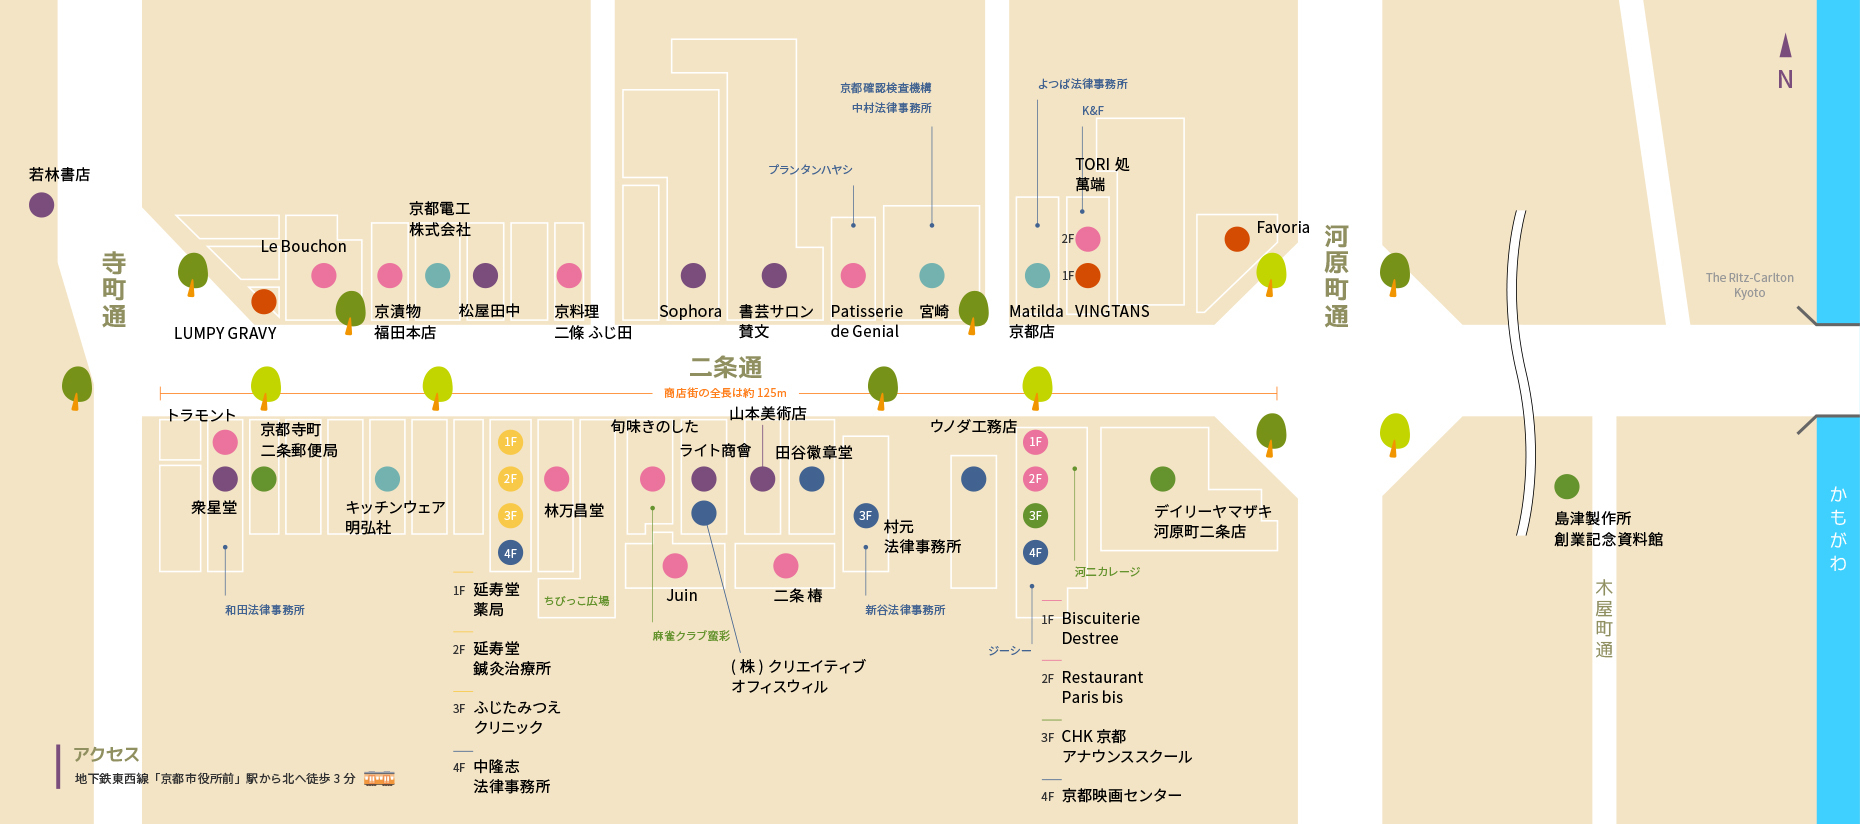 二条繁栄会 商店街マップ